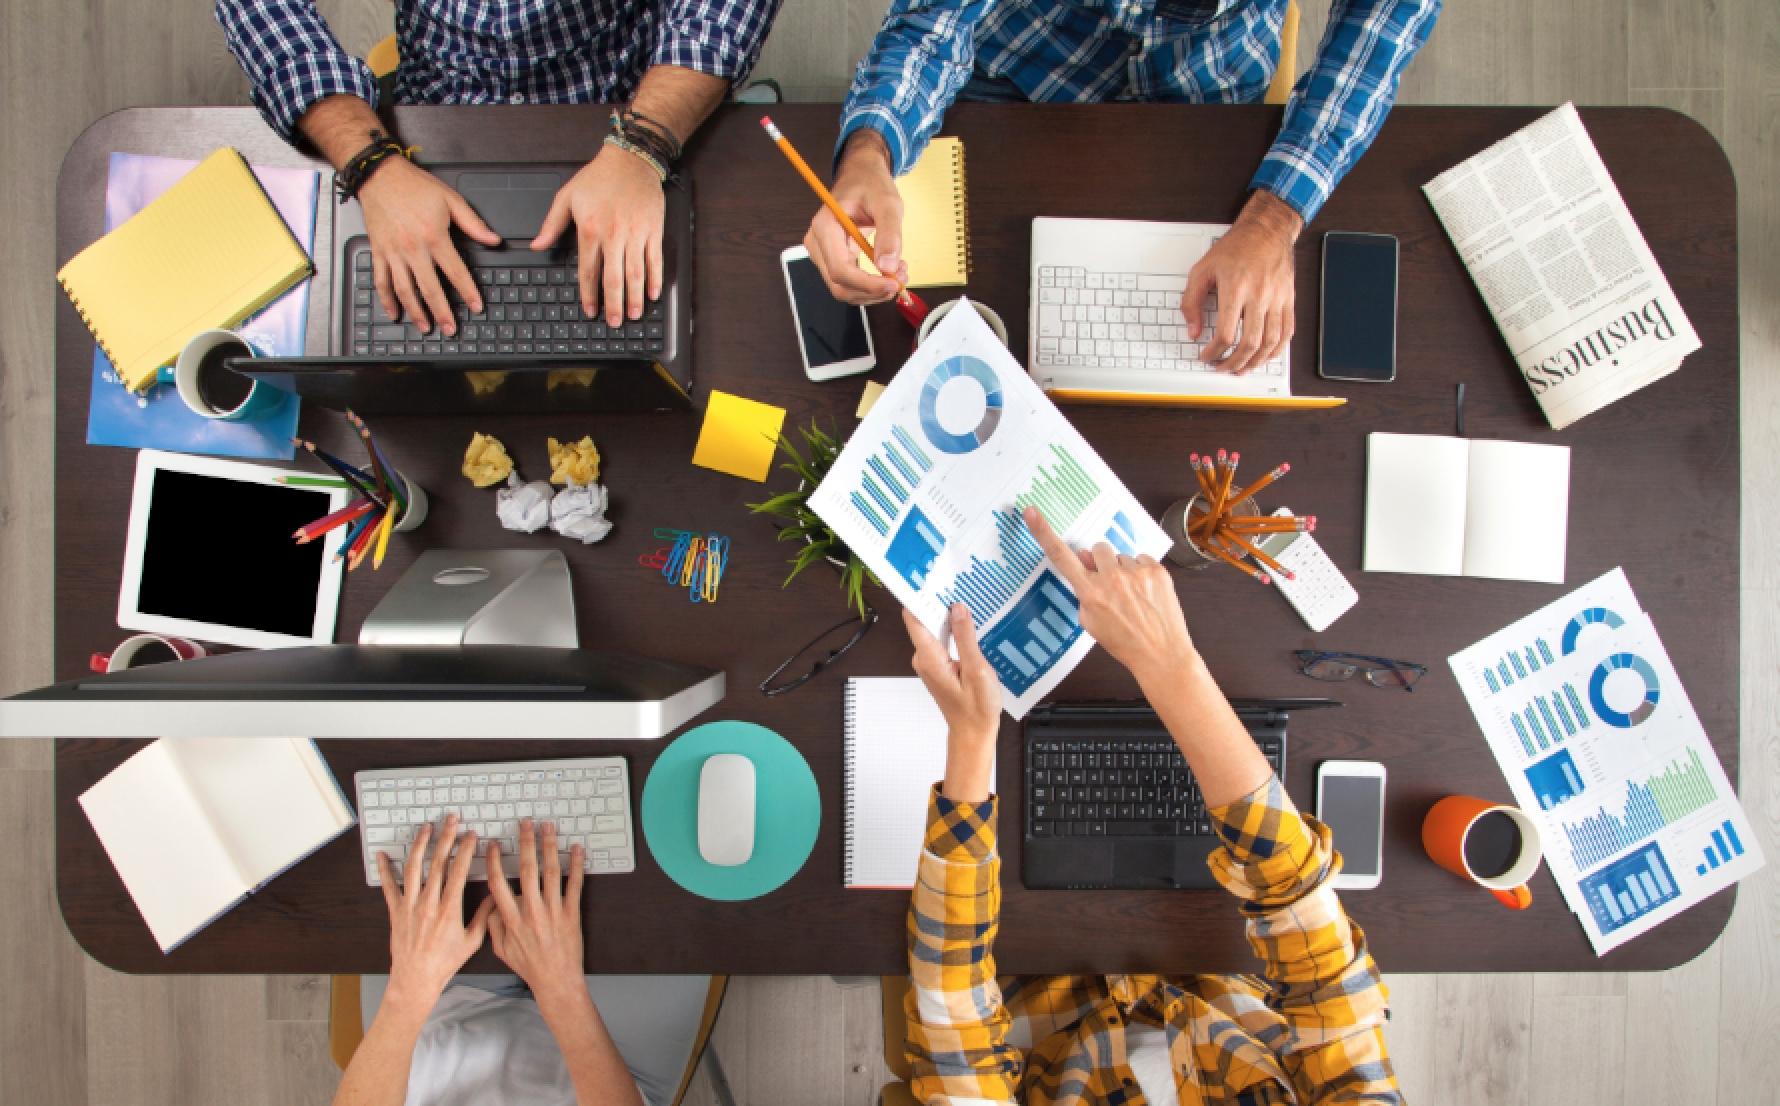 Un Cadre pour les budgets 2015 à l'attention des professionnels du marketing [Infographie]